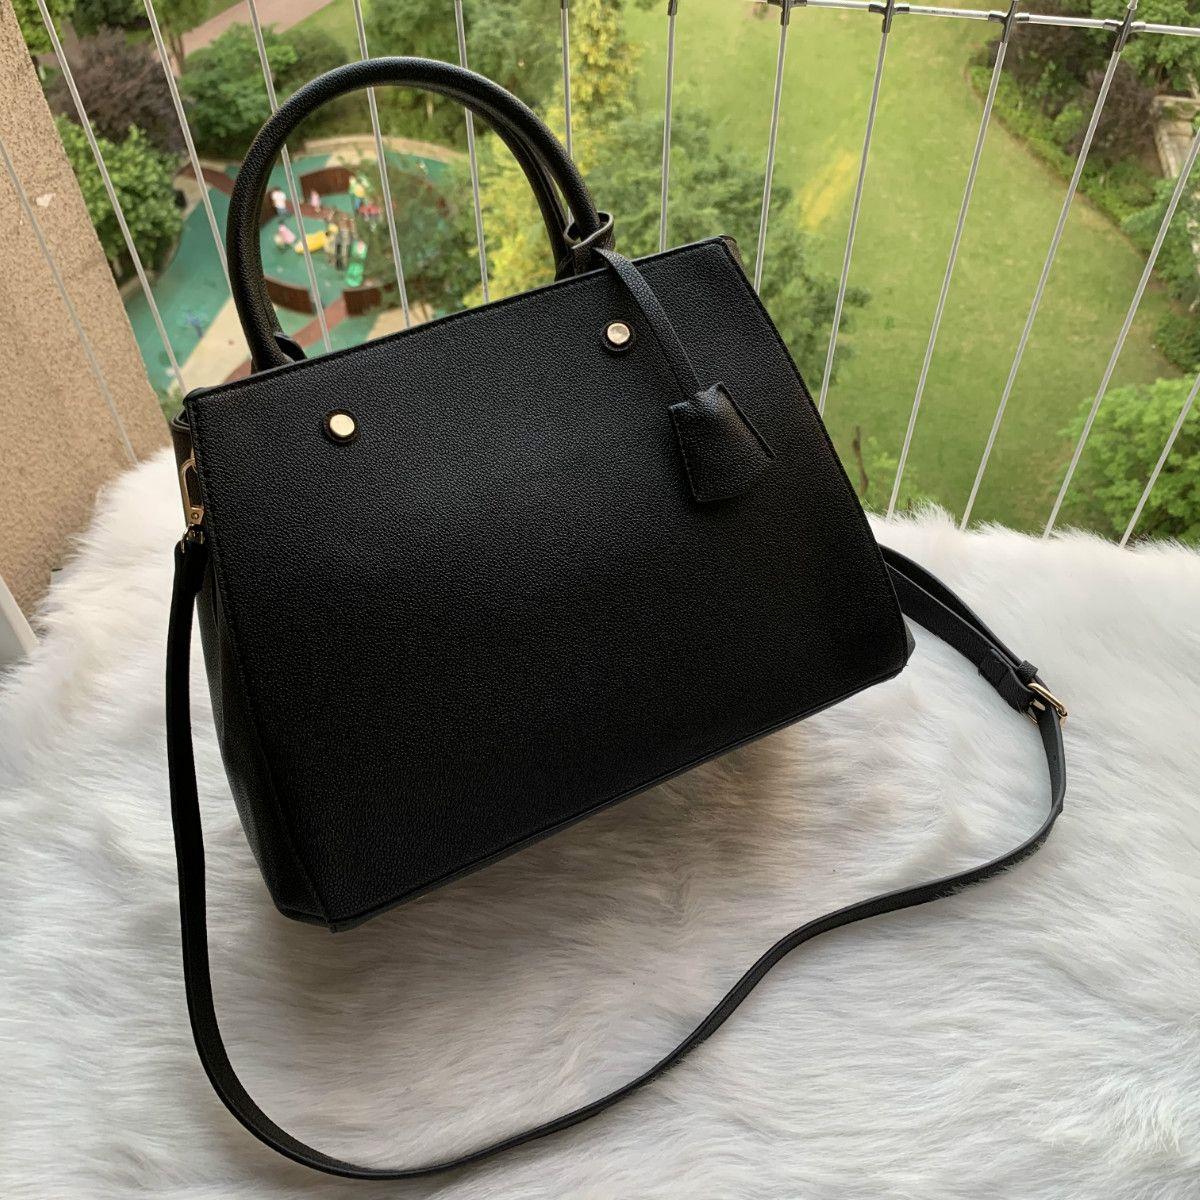 مصمم حقيبة فاخرة ماسنجر حقيبة يد جلدية مقابض مع حزام الكتف حقيبة crossbody حقيبة الفرنسية حقيبة N41056